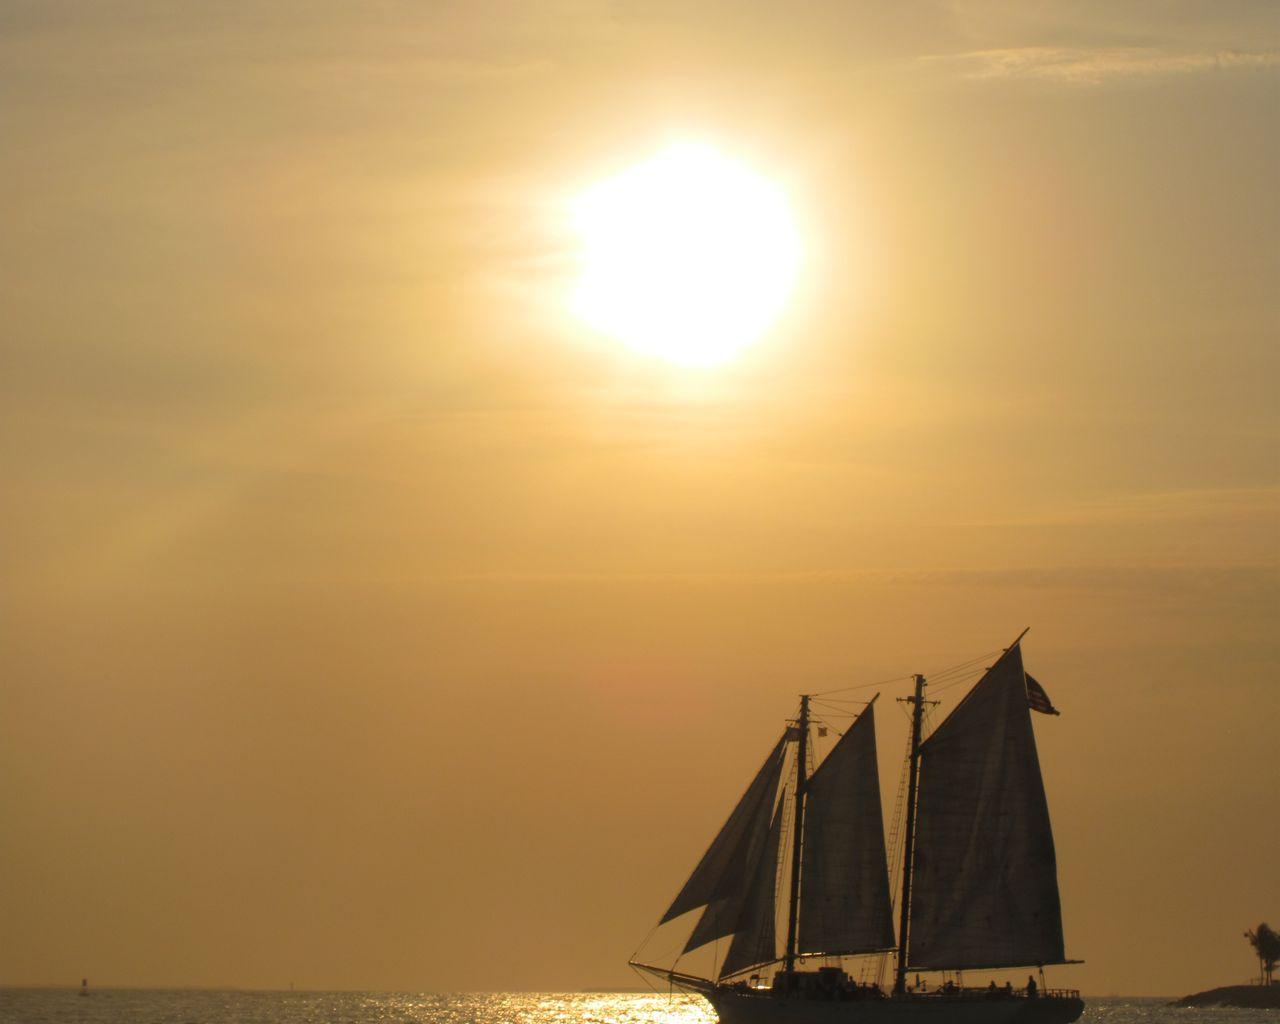 The sun has an everlasting Tapas (Key West, FL)